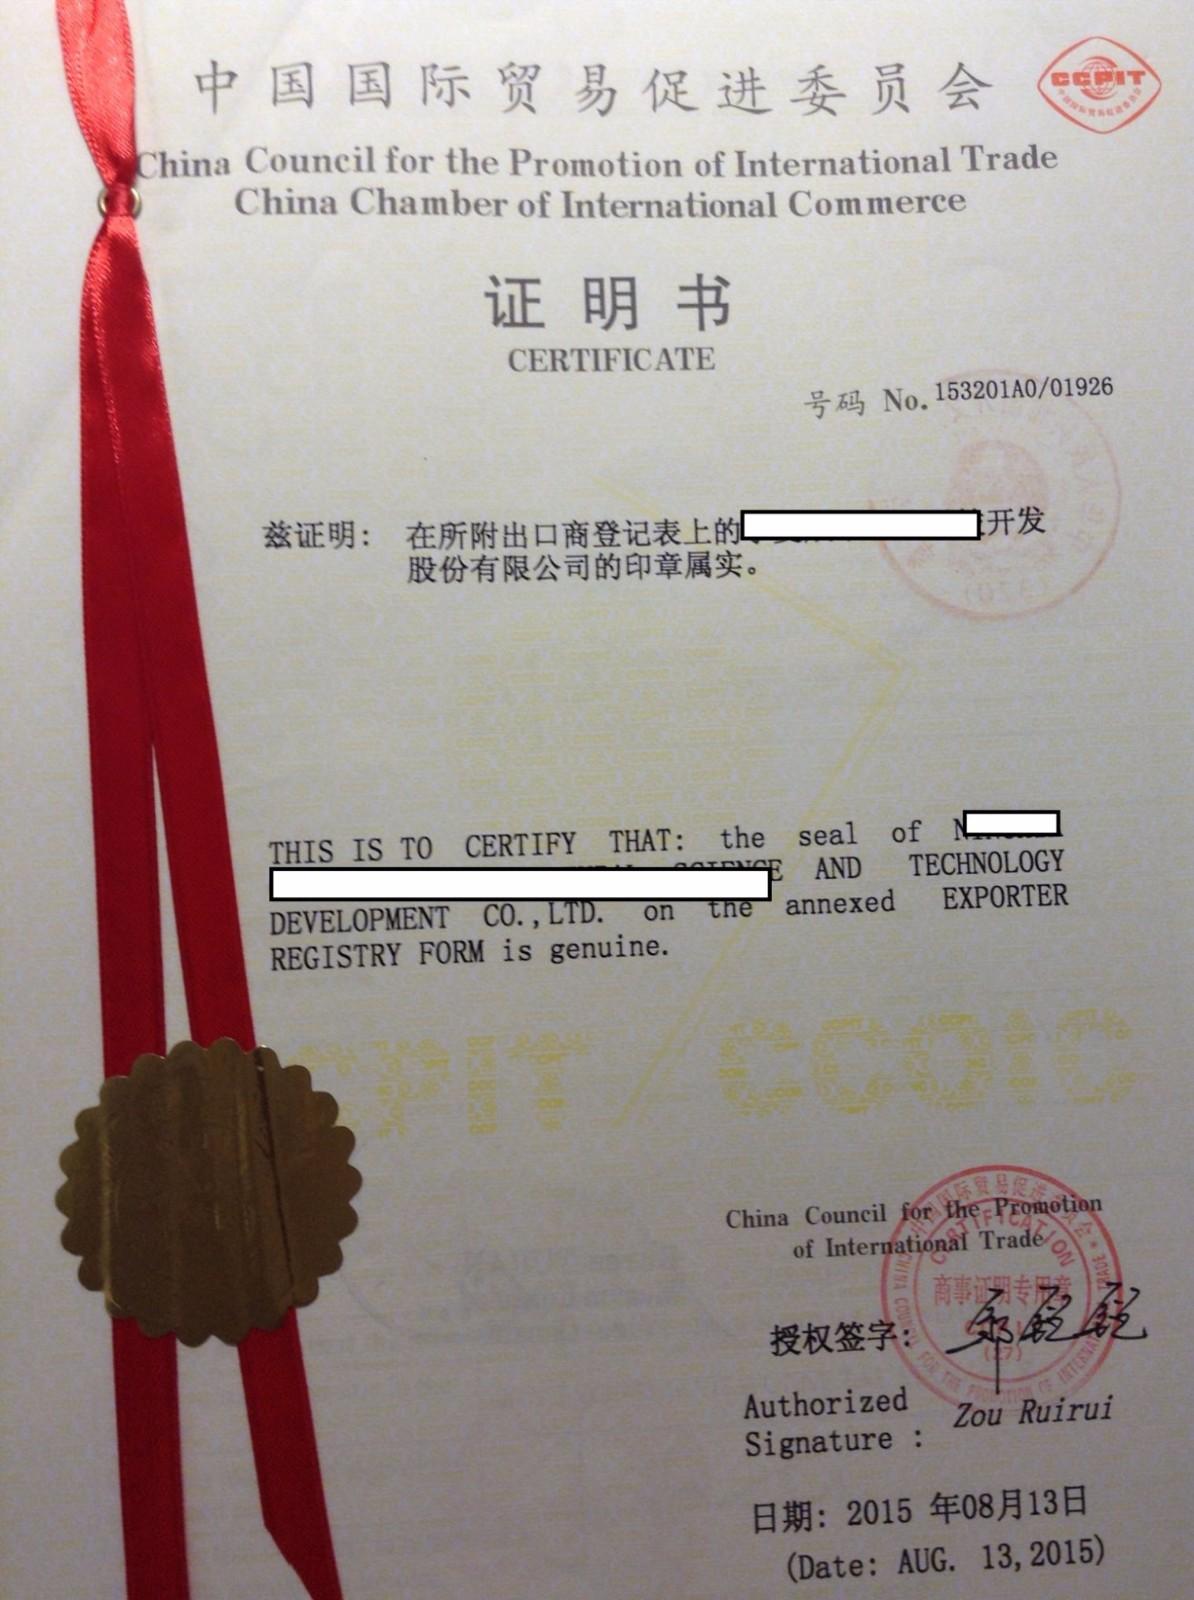 出口土耳其出口商登记证 ,土耳其大使馆认证加签